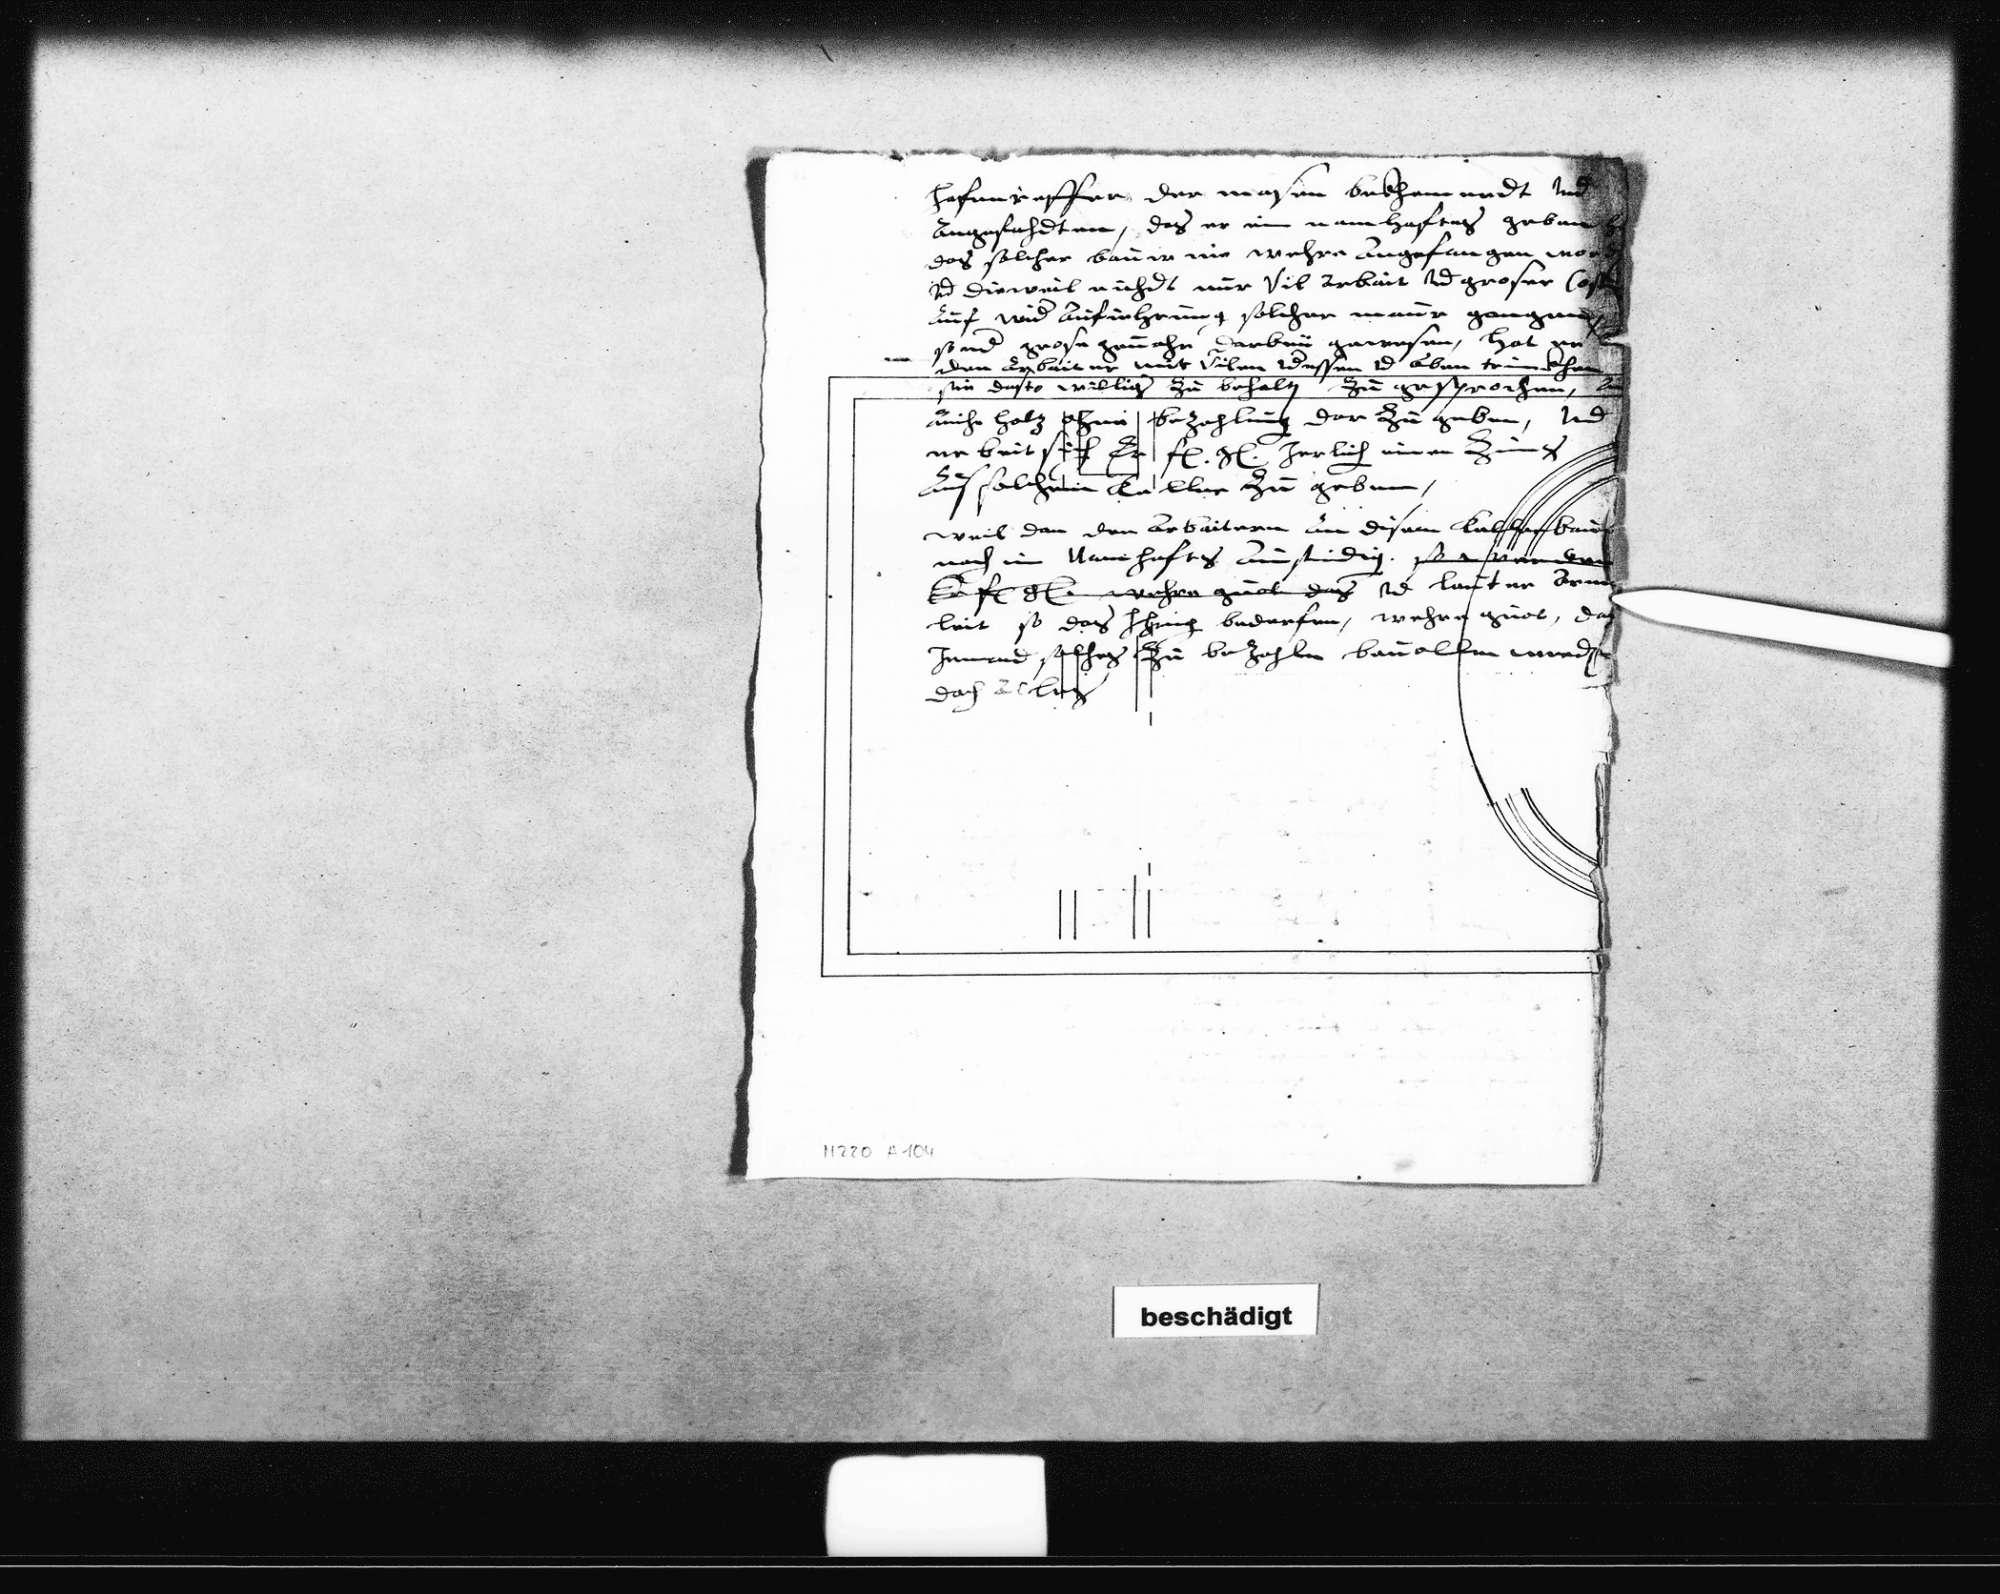 Entwurf eines Schreibens Schickhardts an den Herzog, 1616 (Folio); Schreiben Marx Besserers, Geistlicher Verwalter in Tübingen, zu den Arbeiten und der Bezahlung, 11. April 1616 (Folio); beiliegend eine Aufstellung zu den Arbeiten an einem Dach in Tübingen (Quart), Bild 2